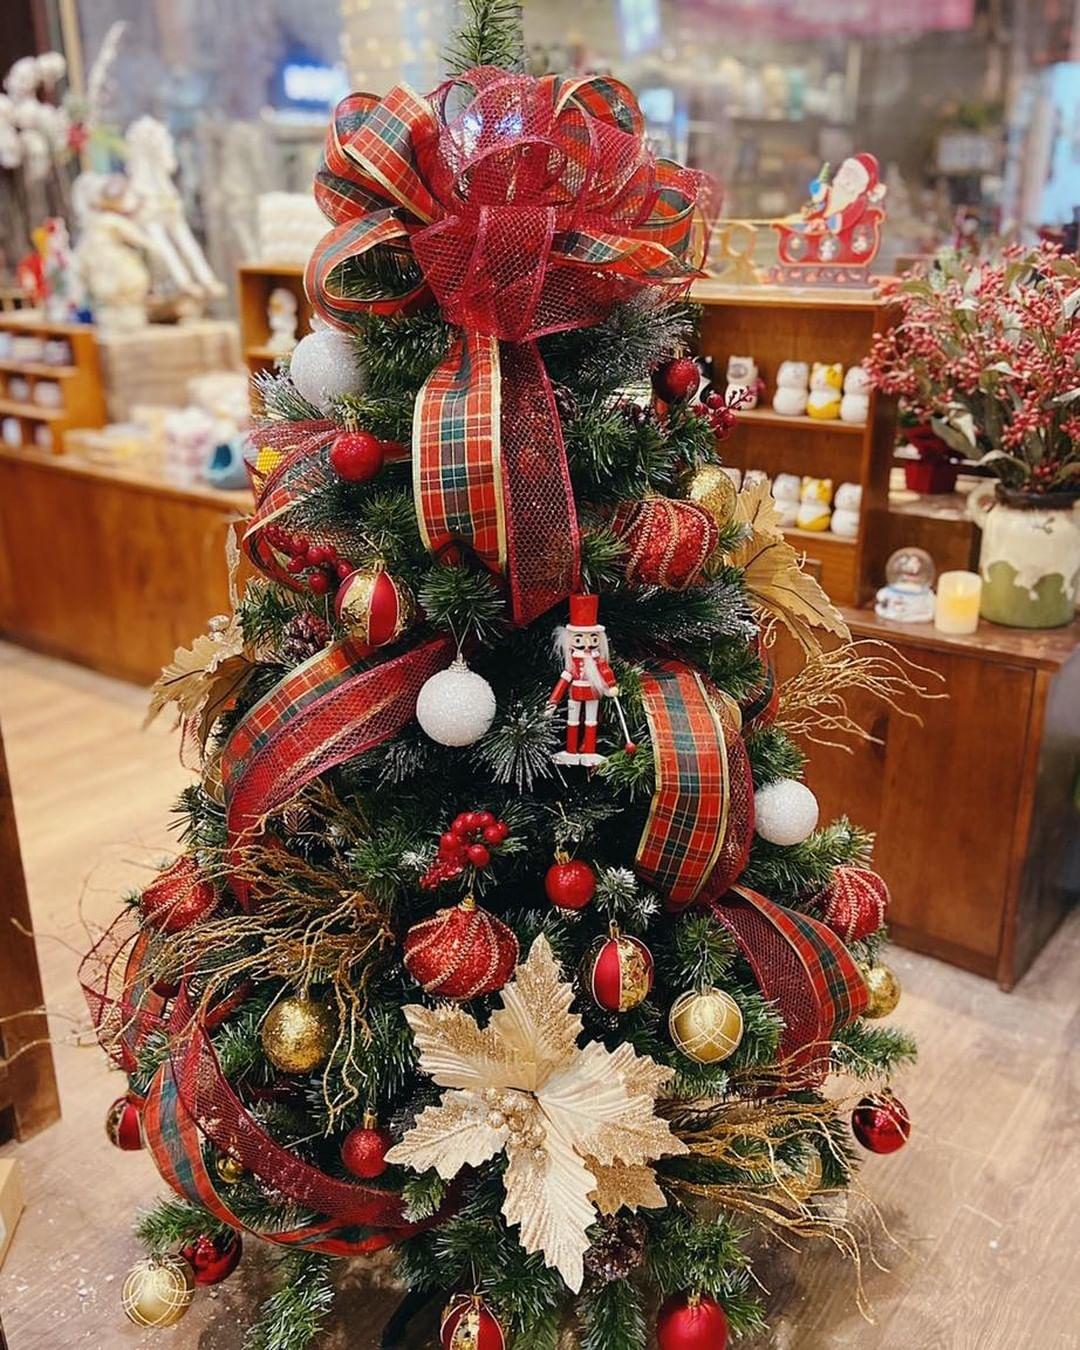 Sắm cây thông giả cho Noel: Hơn trăm nghìn hay tiền triệu đều có, loại nào cũng siêu đẹp - Ảnh 7.